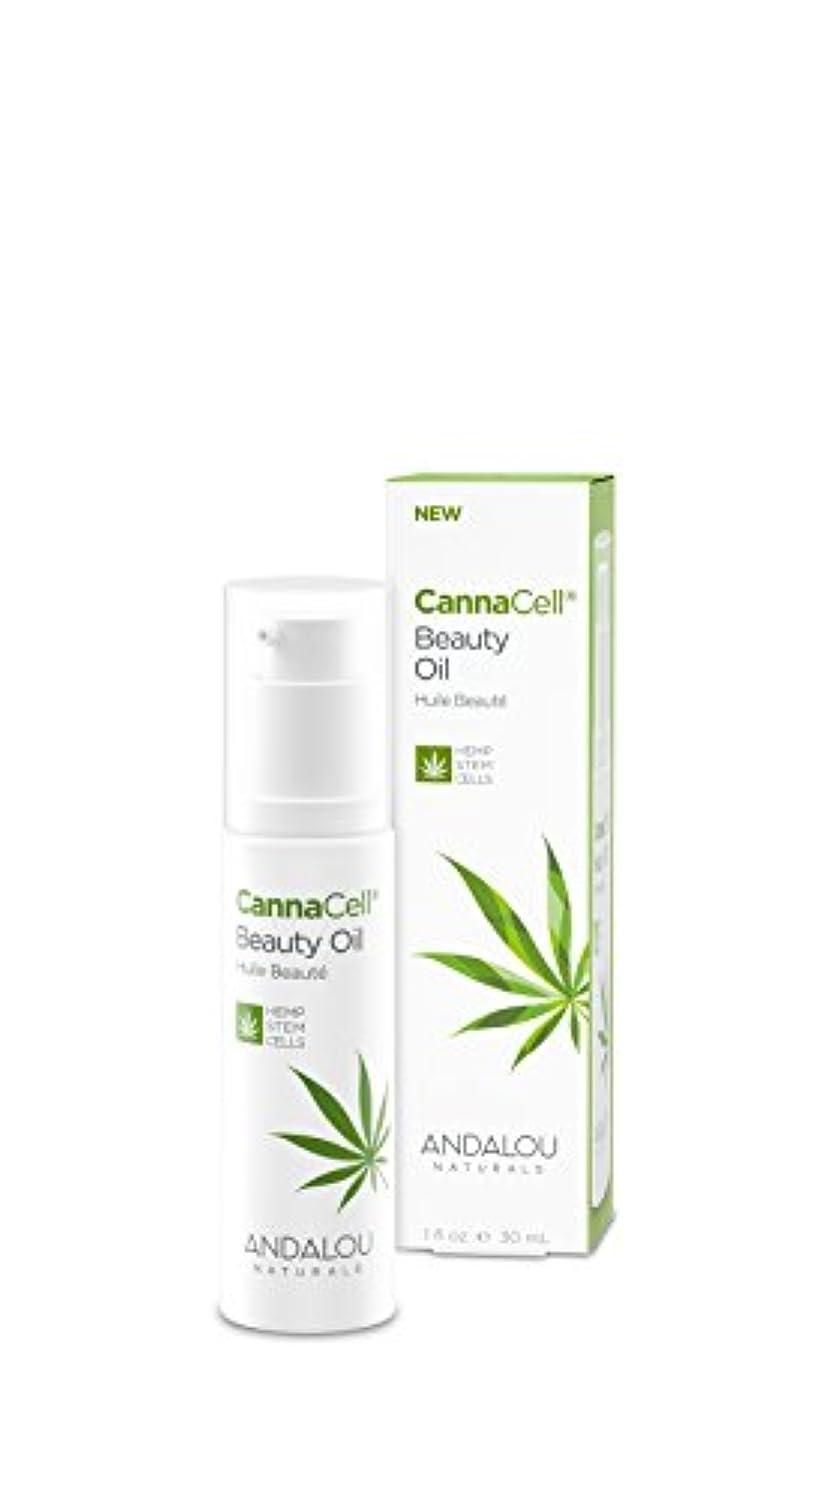 お勧めシミュレートするなぞらえるオーガニック ボタニカル 美容液 美容オイル ナチュラル フルーツ幹細胞 ヘンプ幹細胞 「 CannaCell® ビューティーオイル 」 ANDALOU naturals アンダルー ナチュラルズ